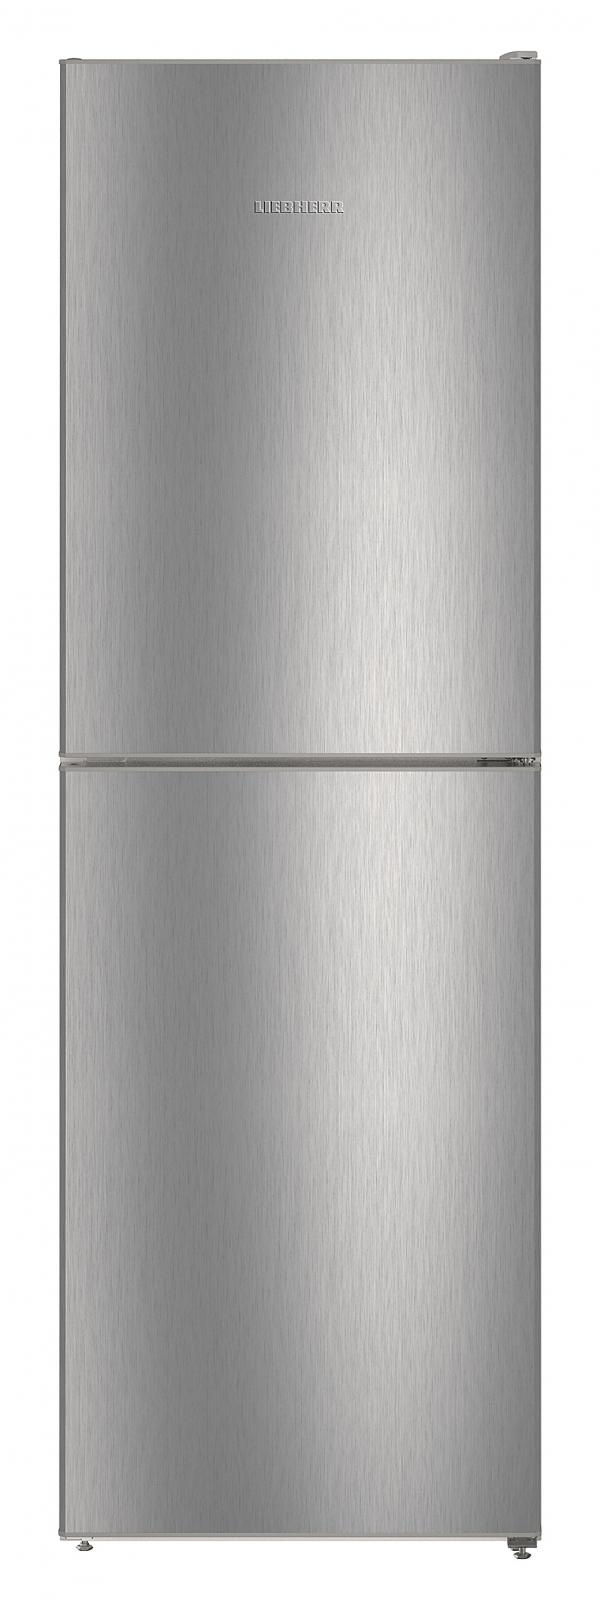 купить Двухкамерный холодильник Liebherr CNel 4213 Украина фото 2